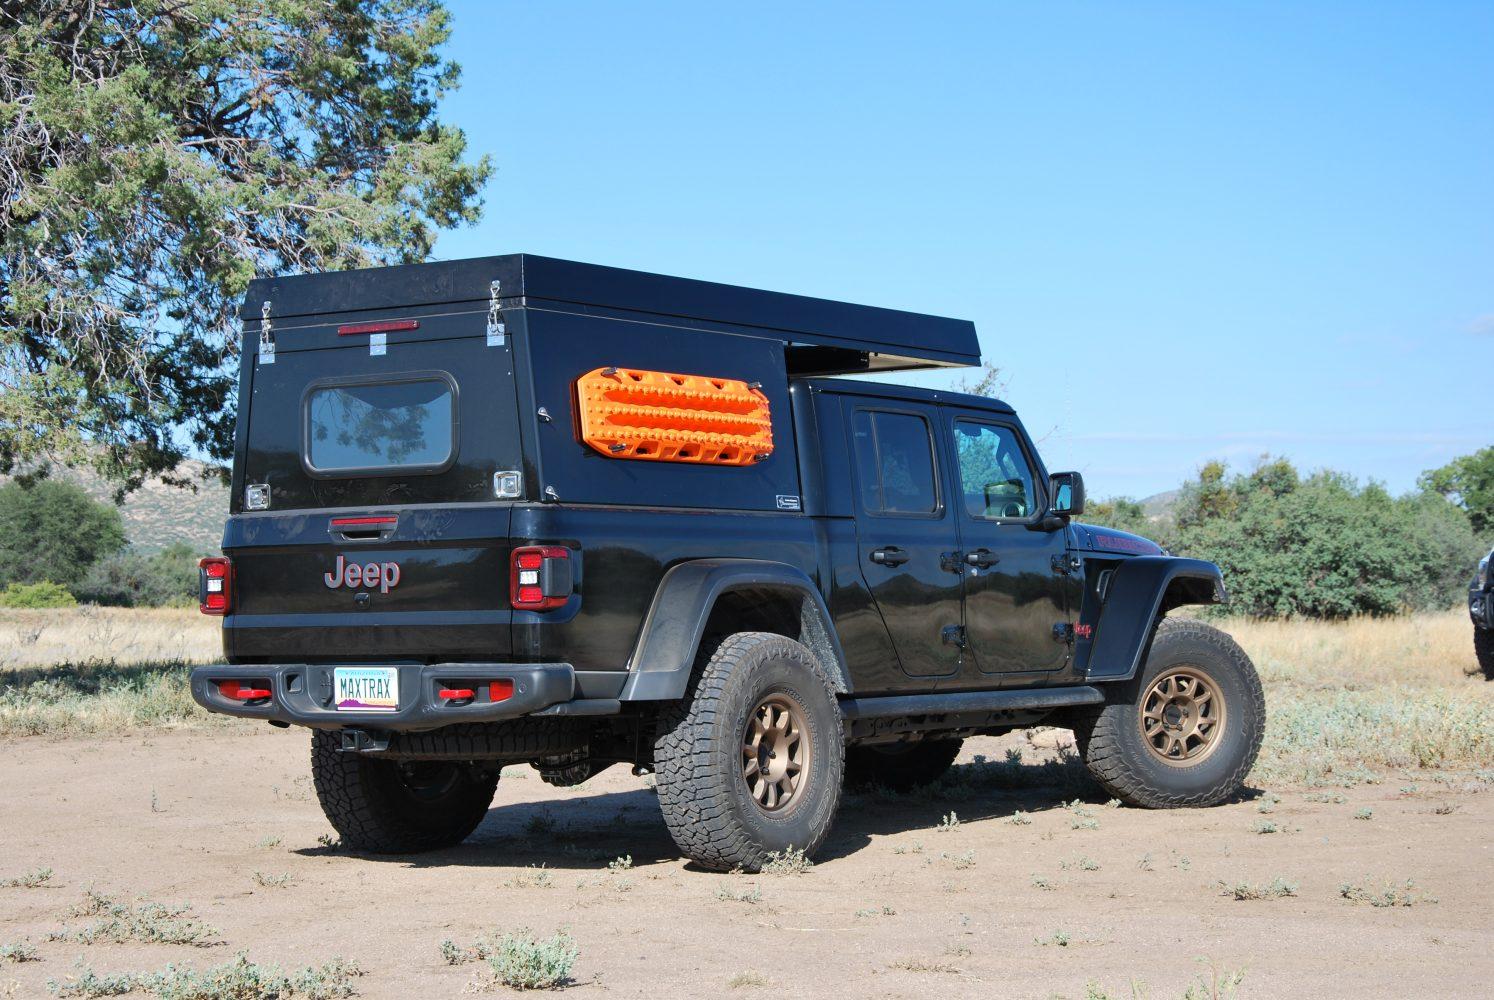 Overland Jeep Gladiator